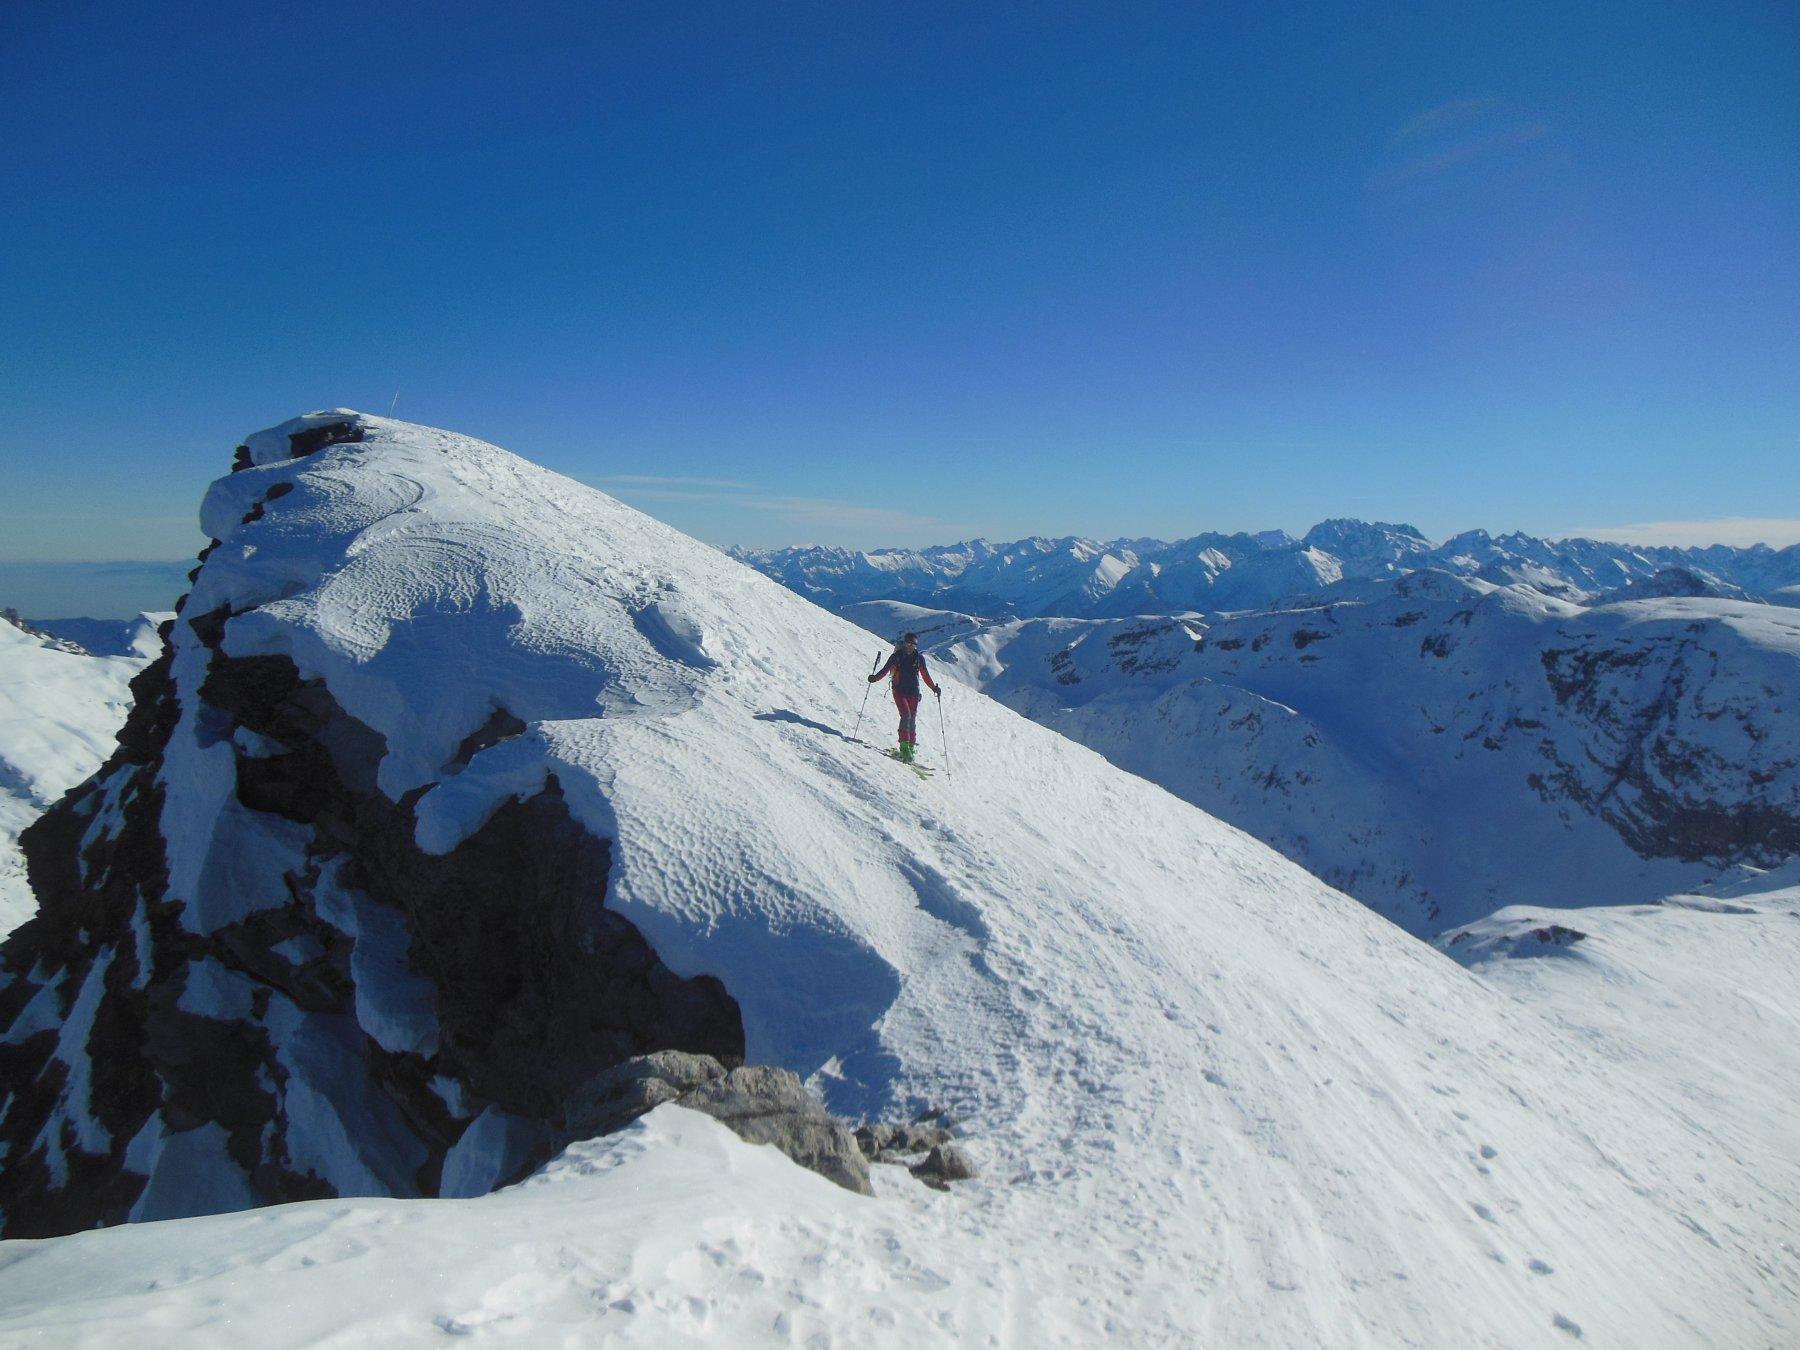 Verso la vetta scialpinistica (anticima)